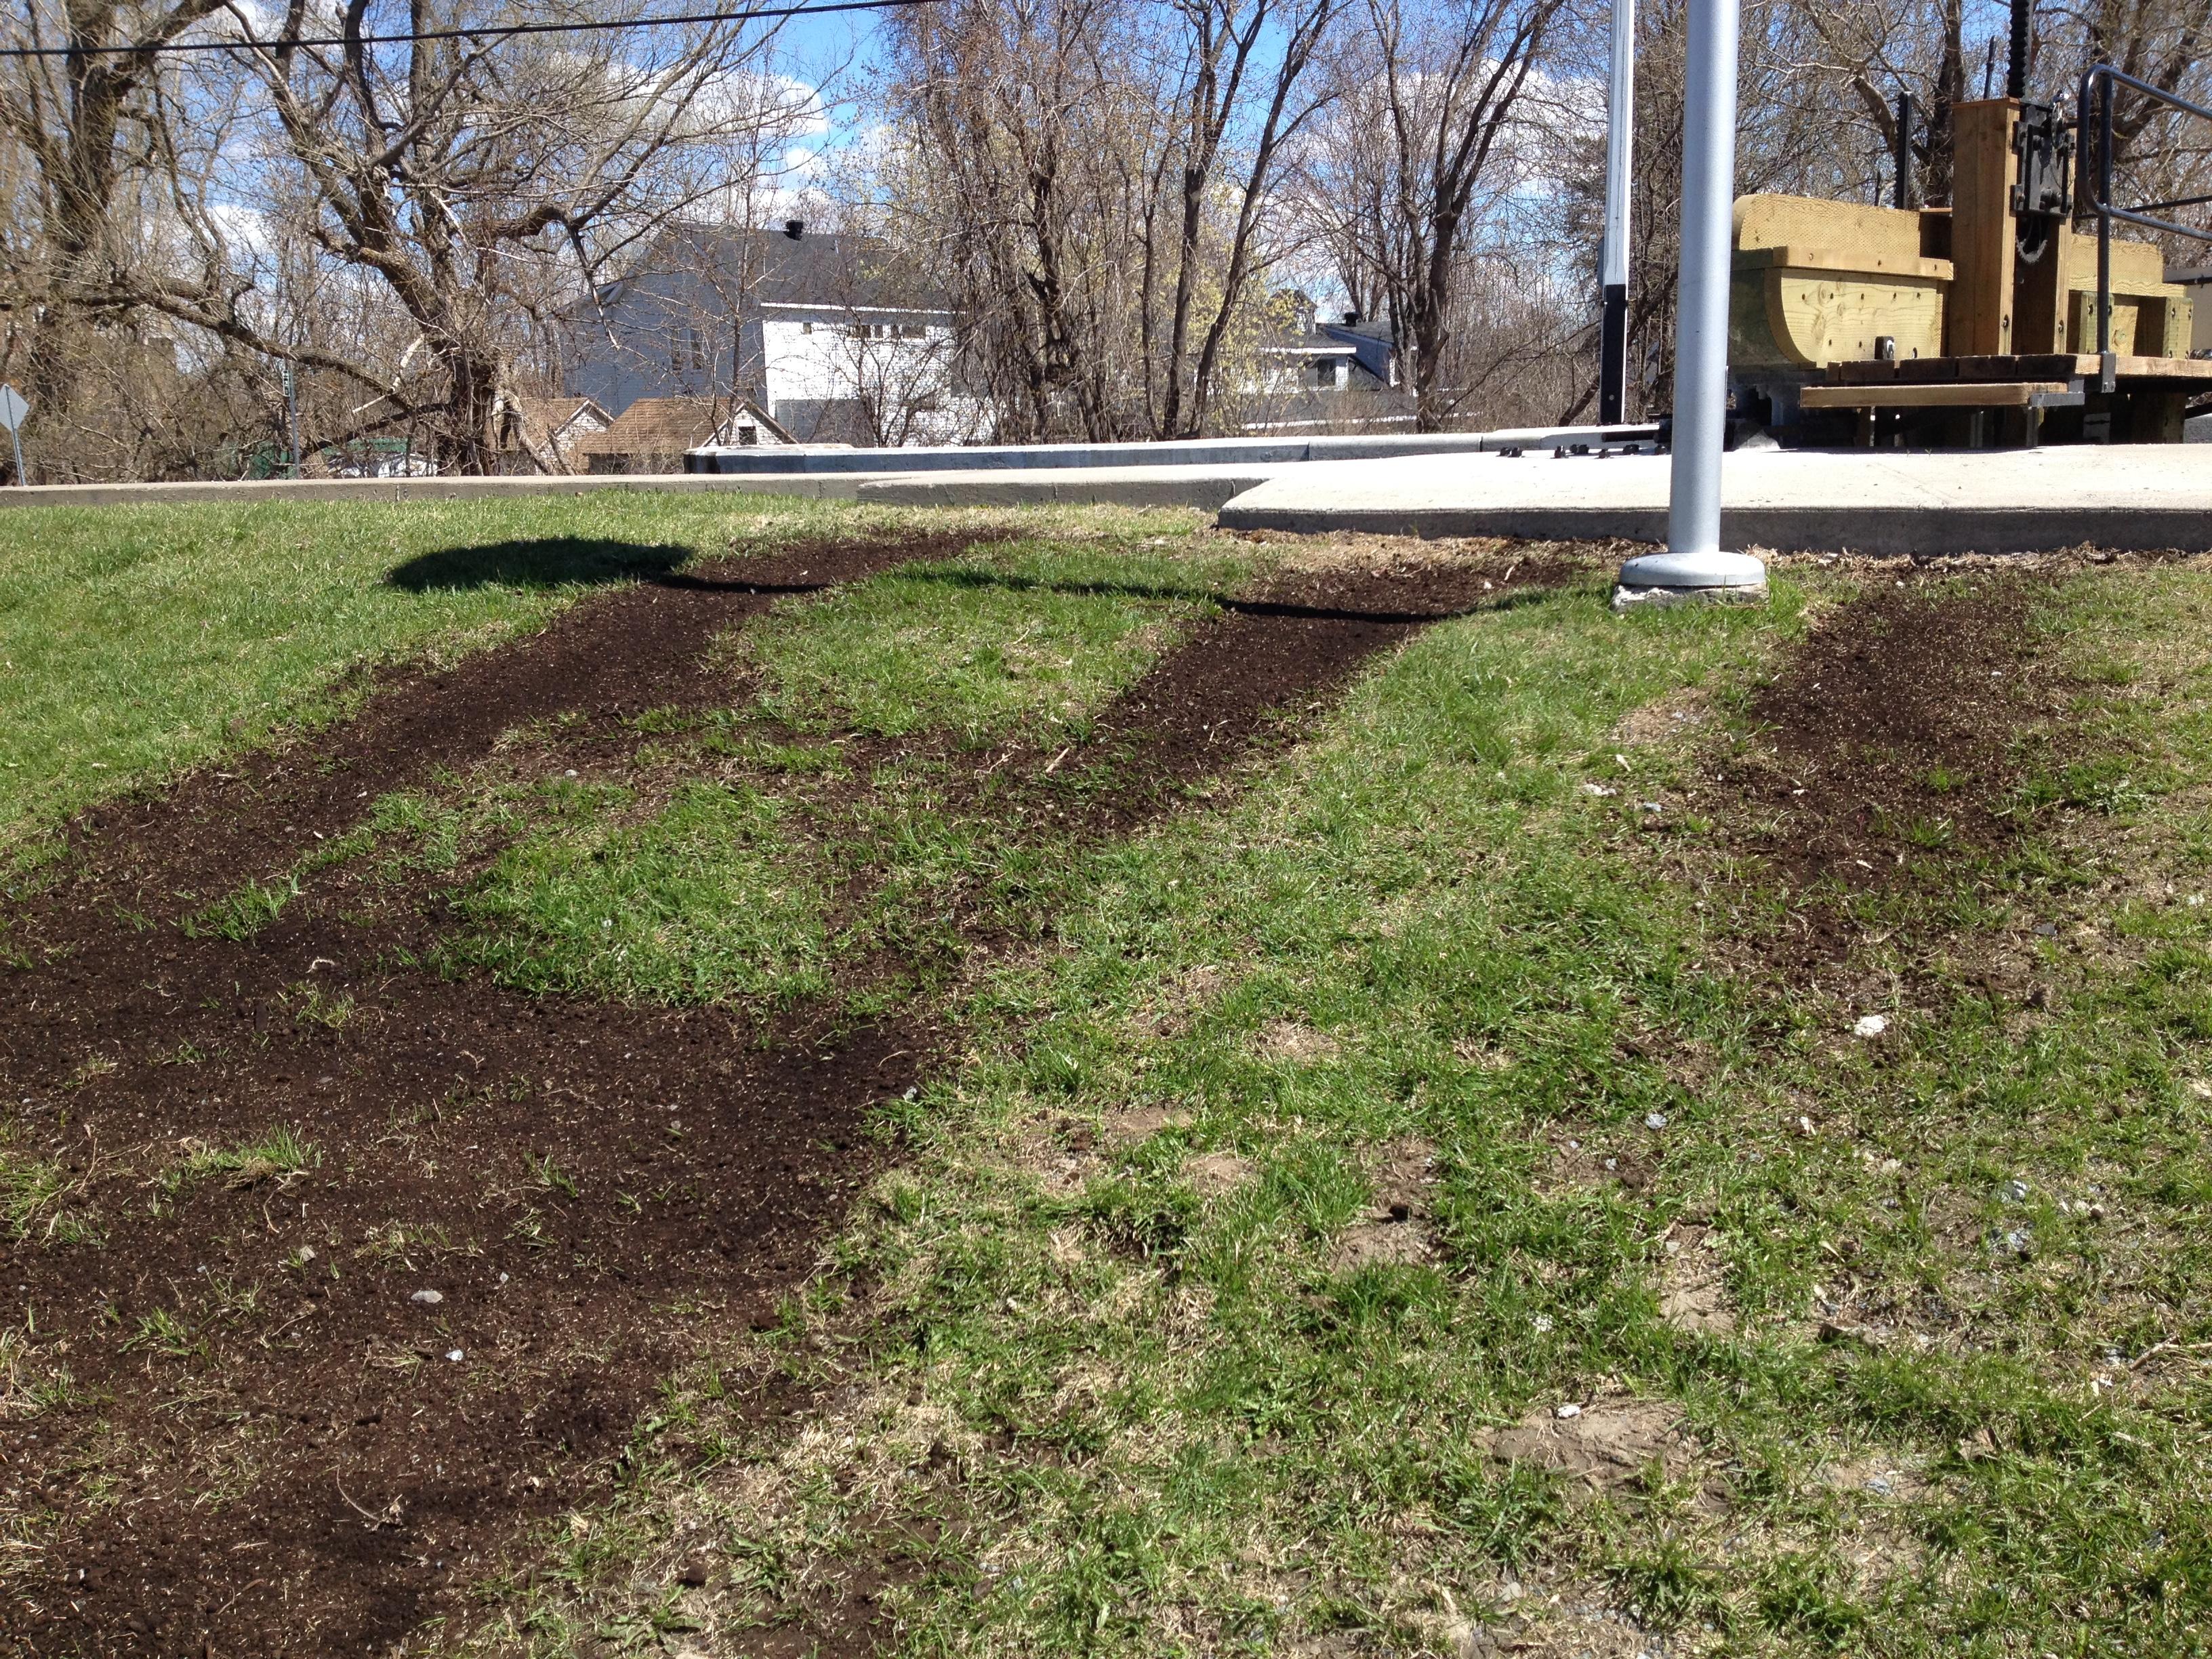 R fection et r ensemencement 3 sb pelouse for Refection pelouse prix